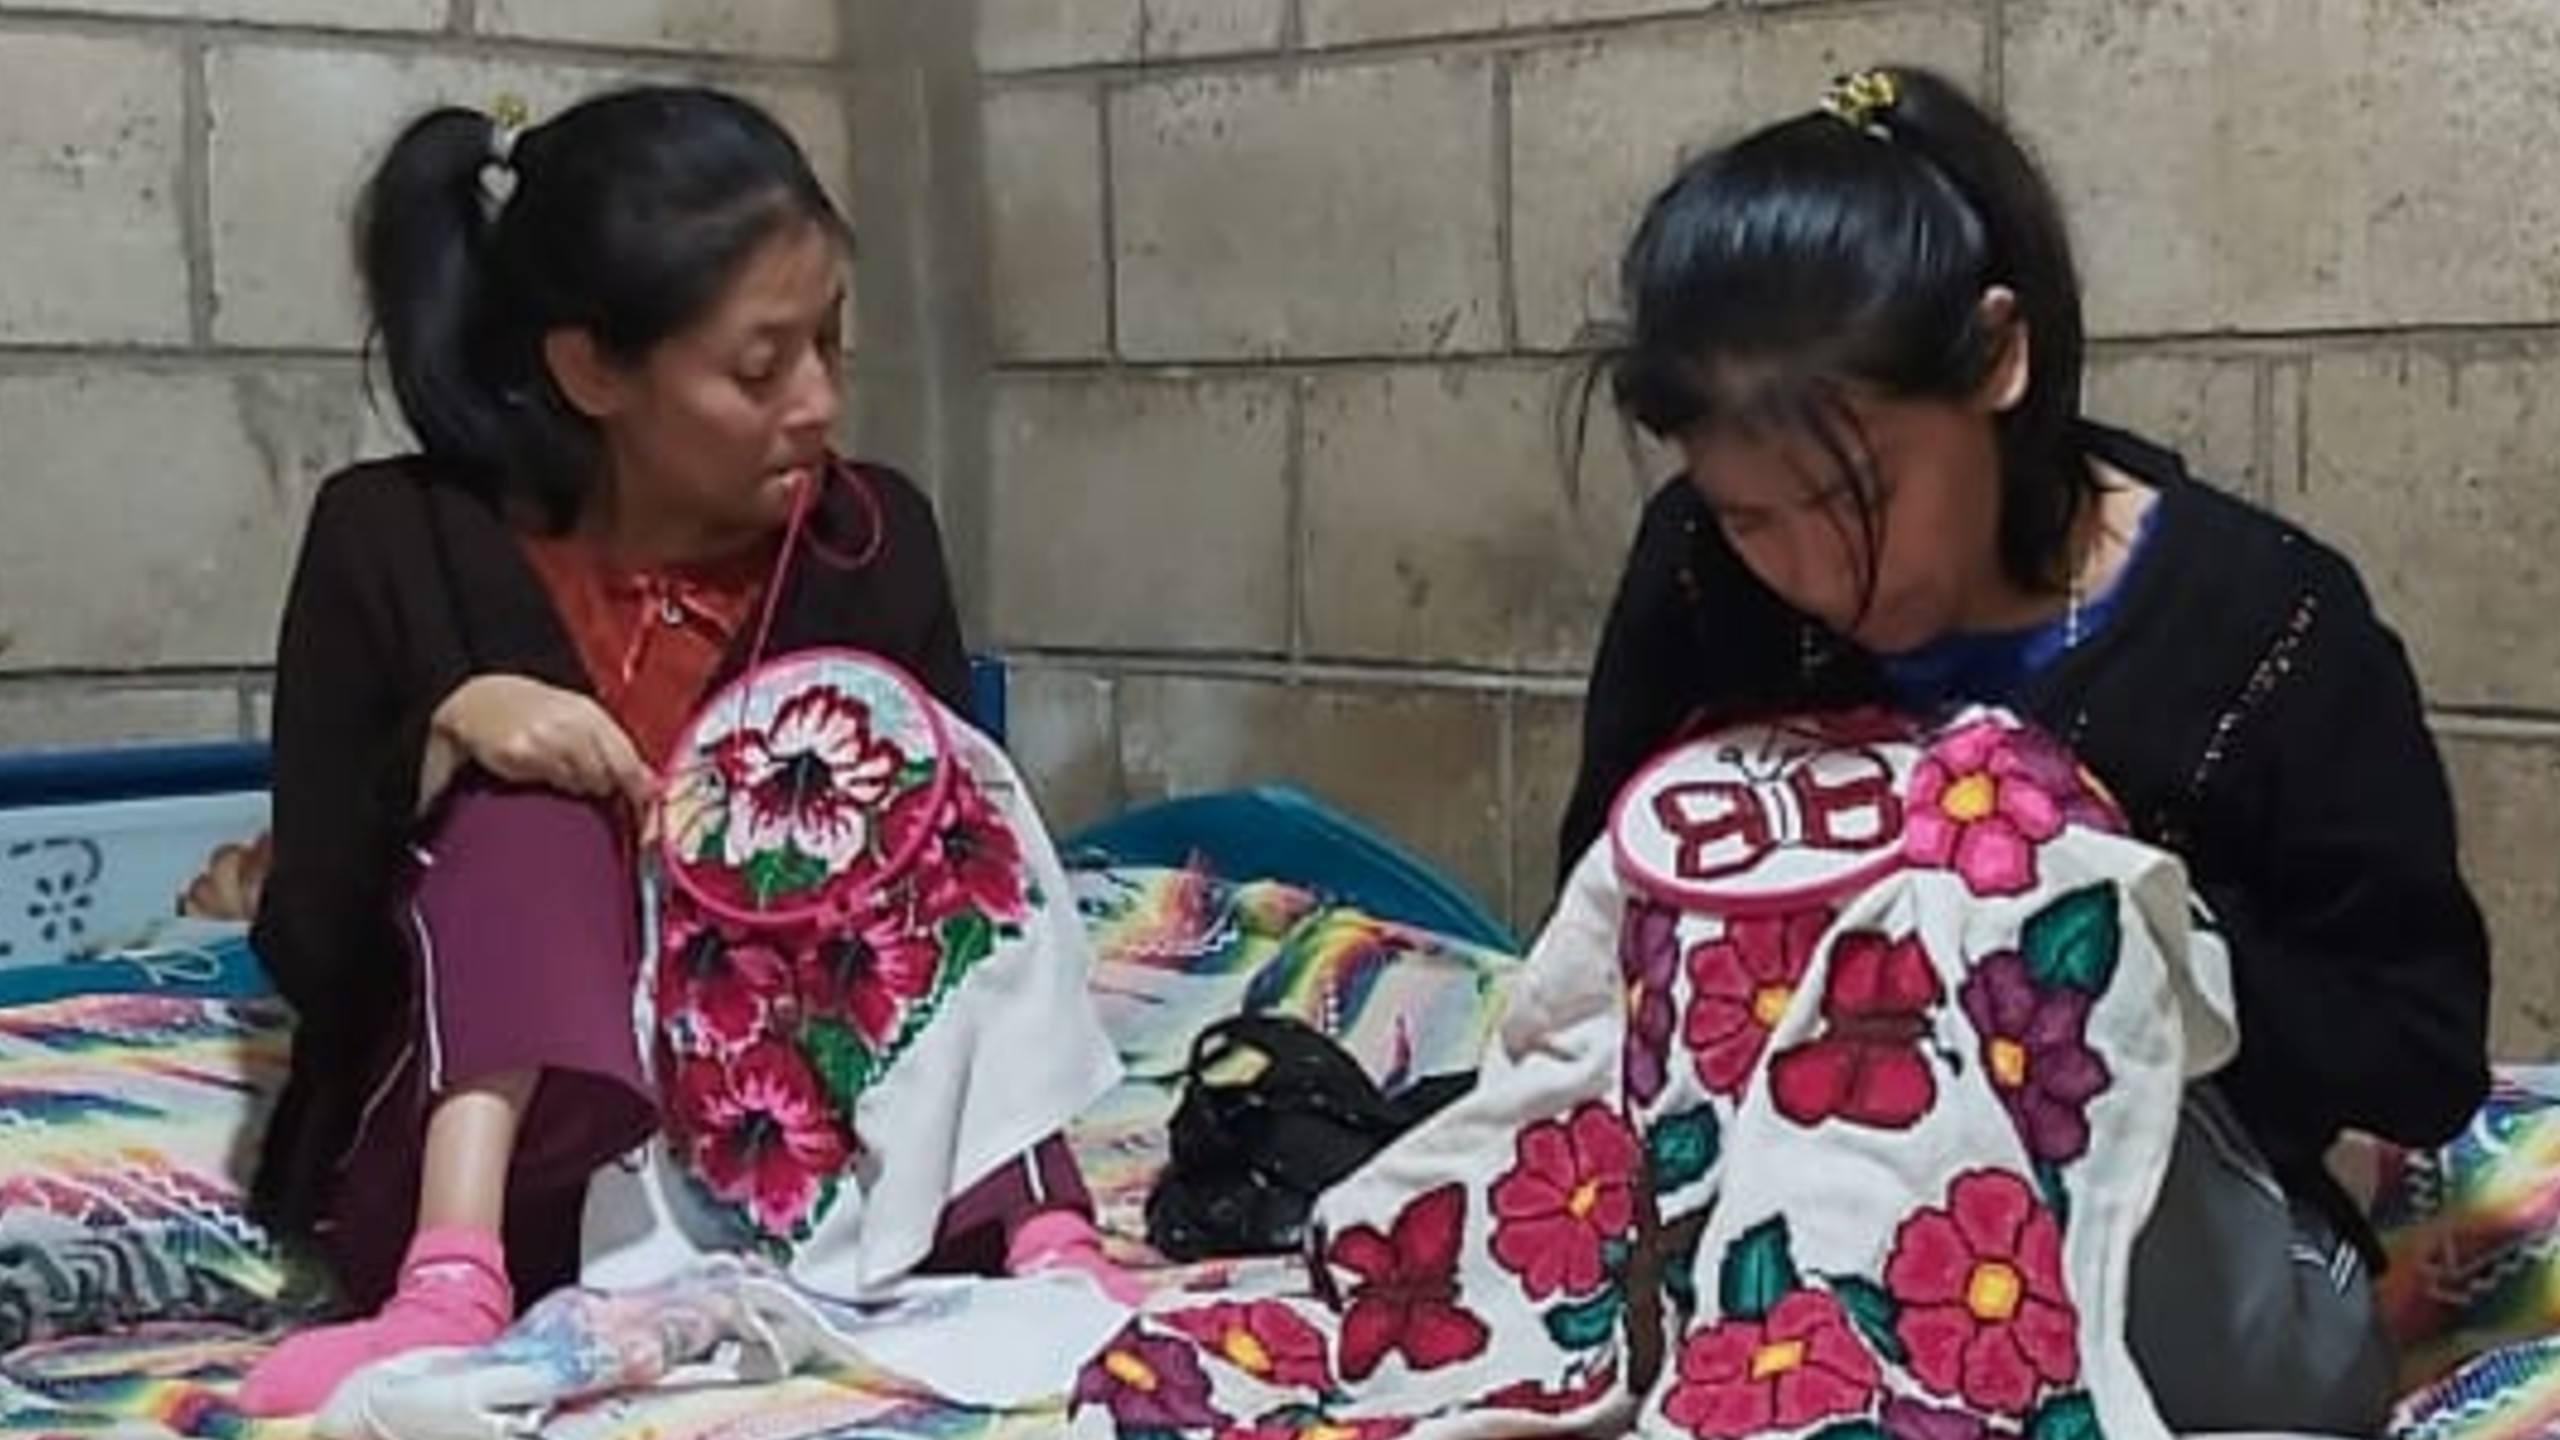 Francis y Margarita Socoy, de Chimaltenango, bordan con la boca para recaudar fondos para una operación